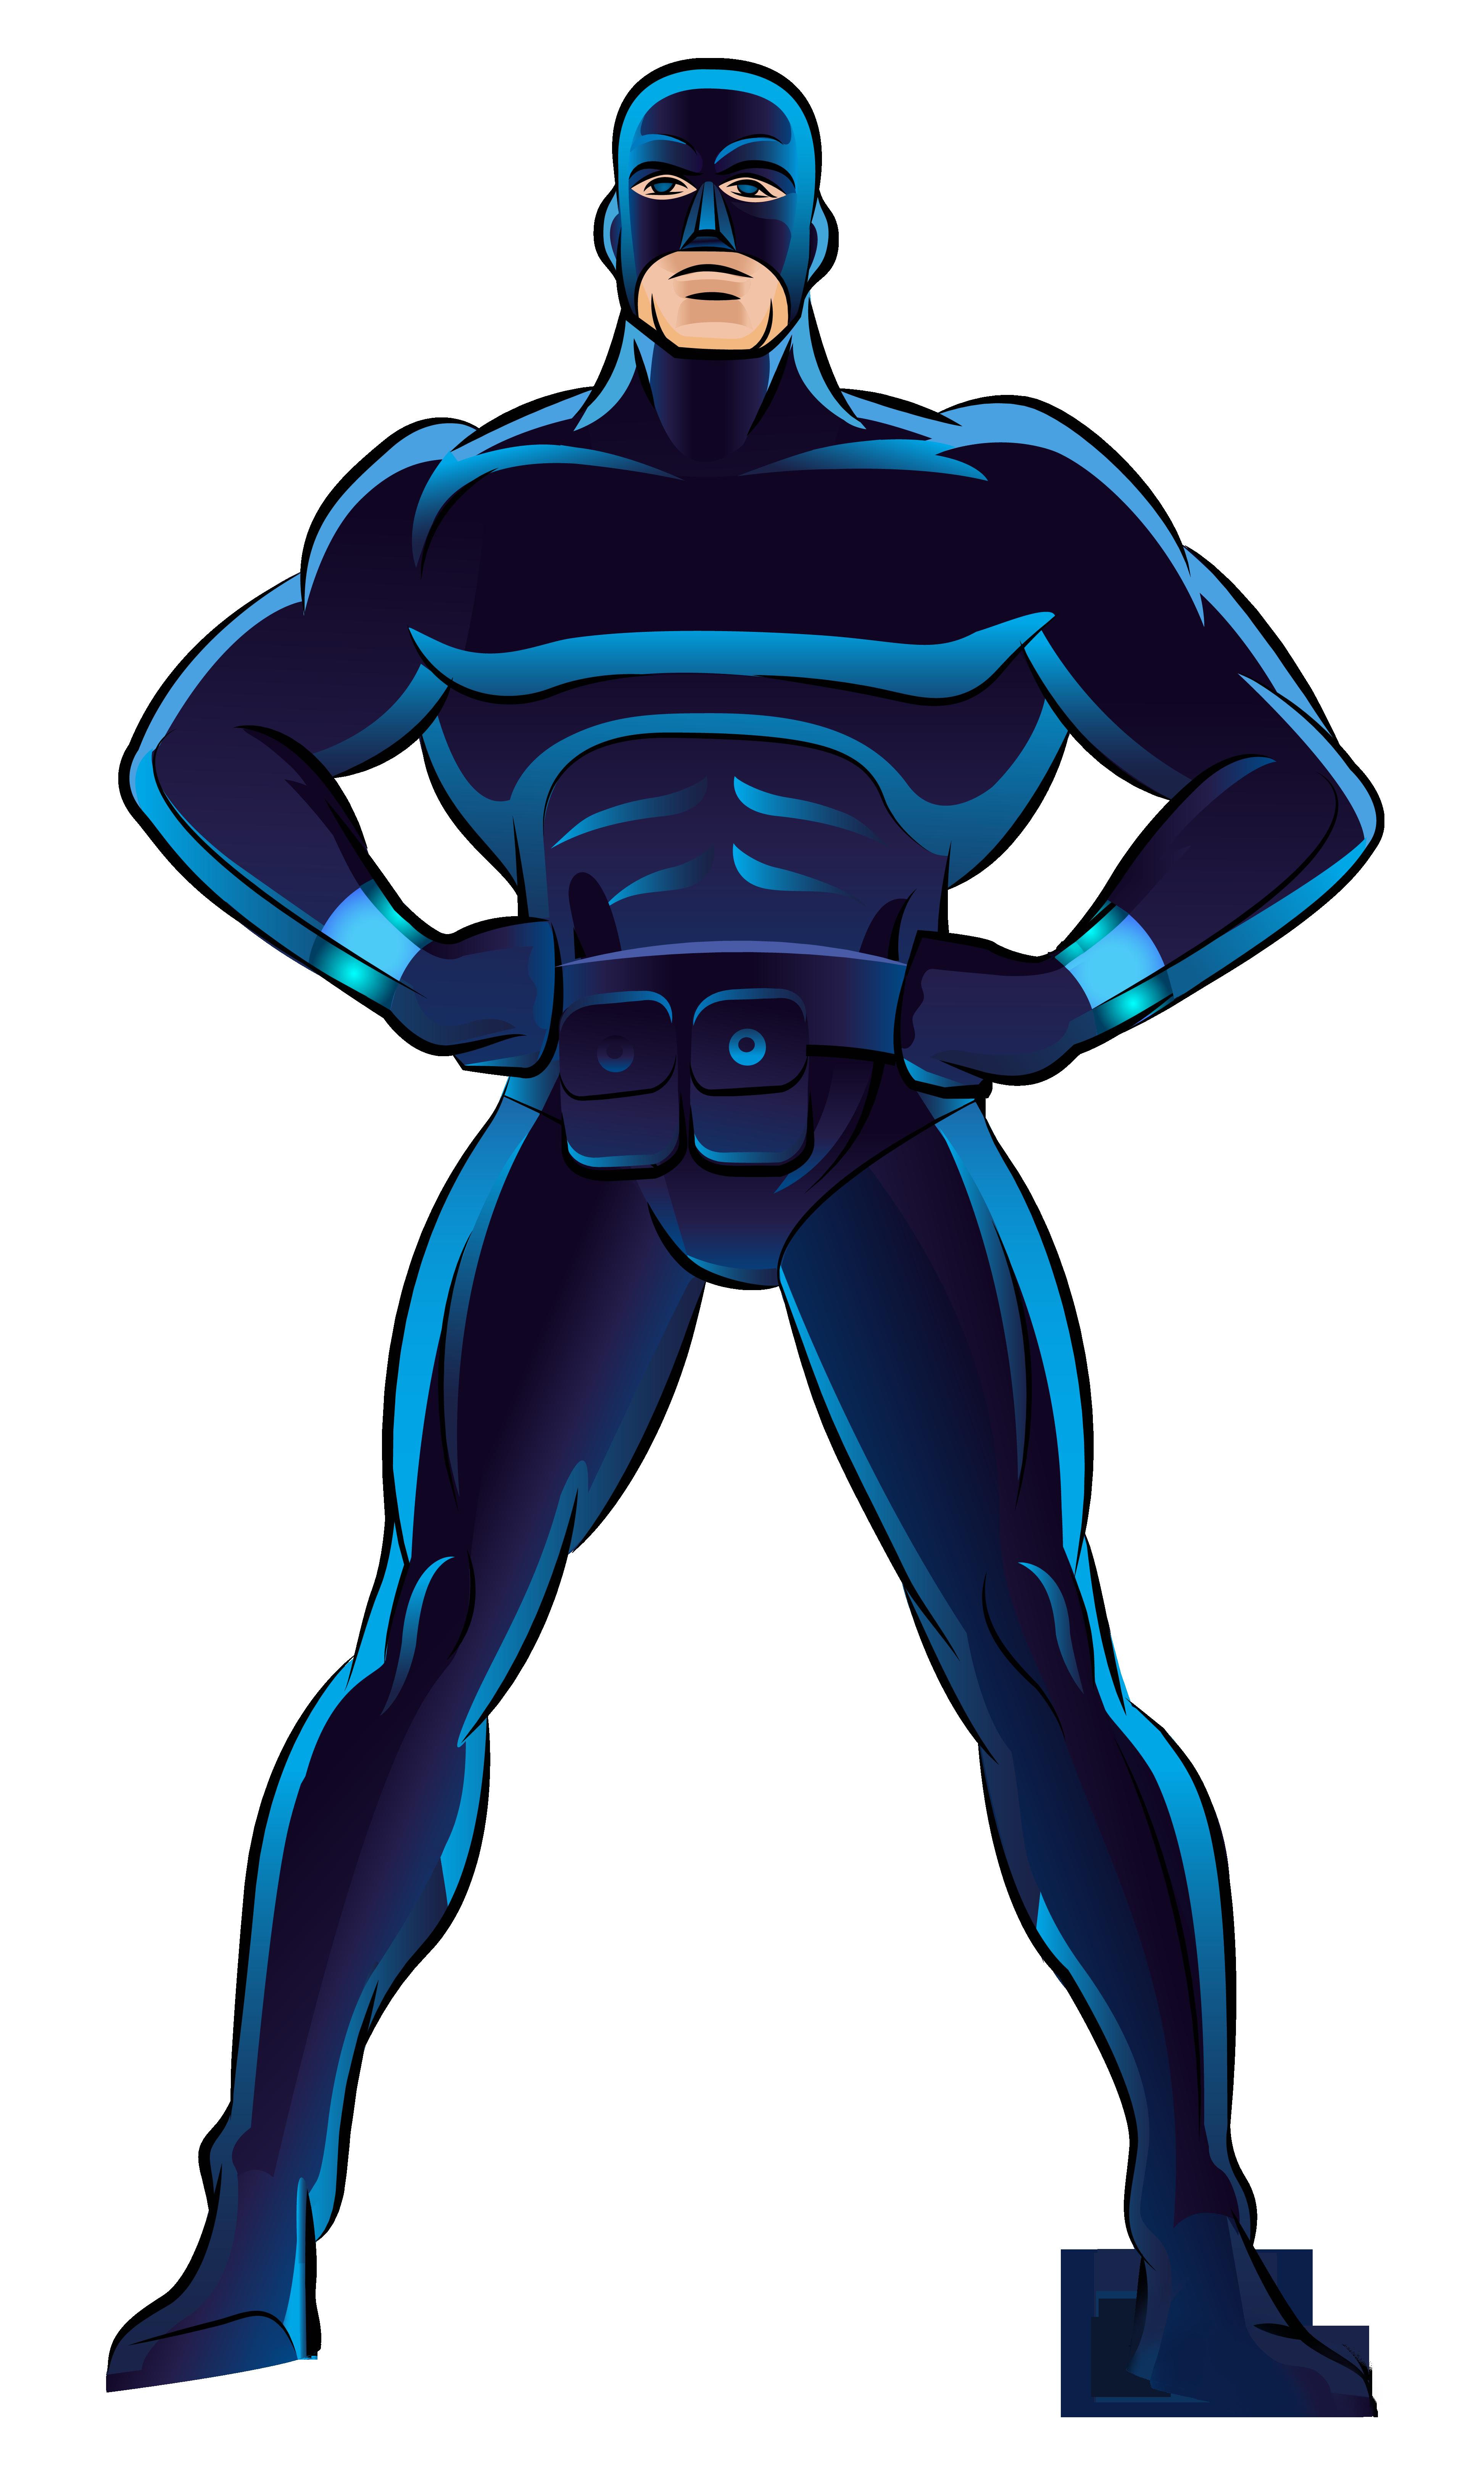 Clock clipart superhero. Blue png clip art